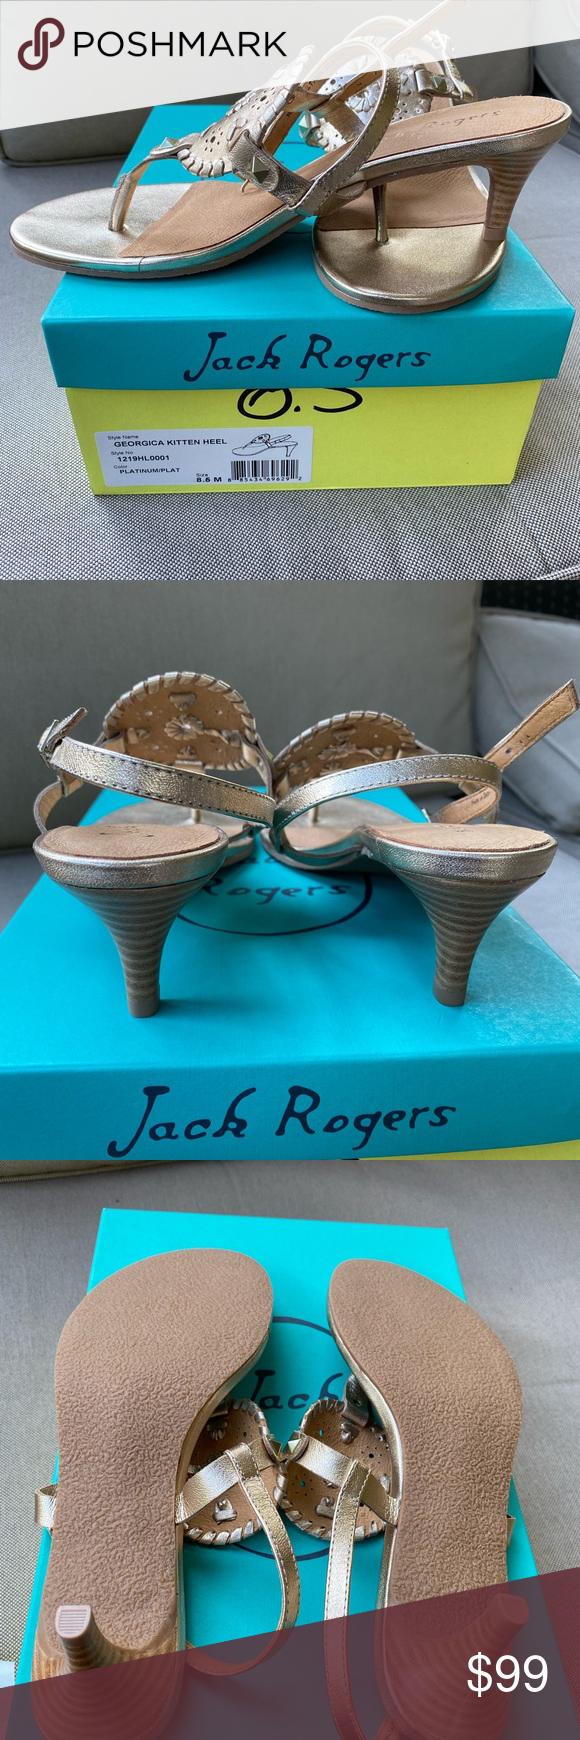 Jack Rogers Kitten Heel Shoes New Kitten Heel Shoes Kitten Heels Shoes Heels